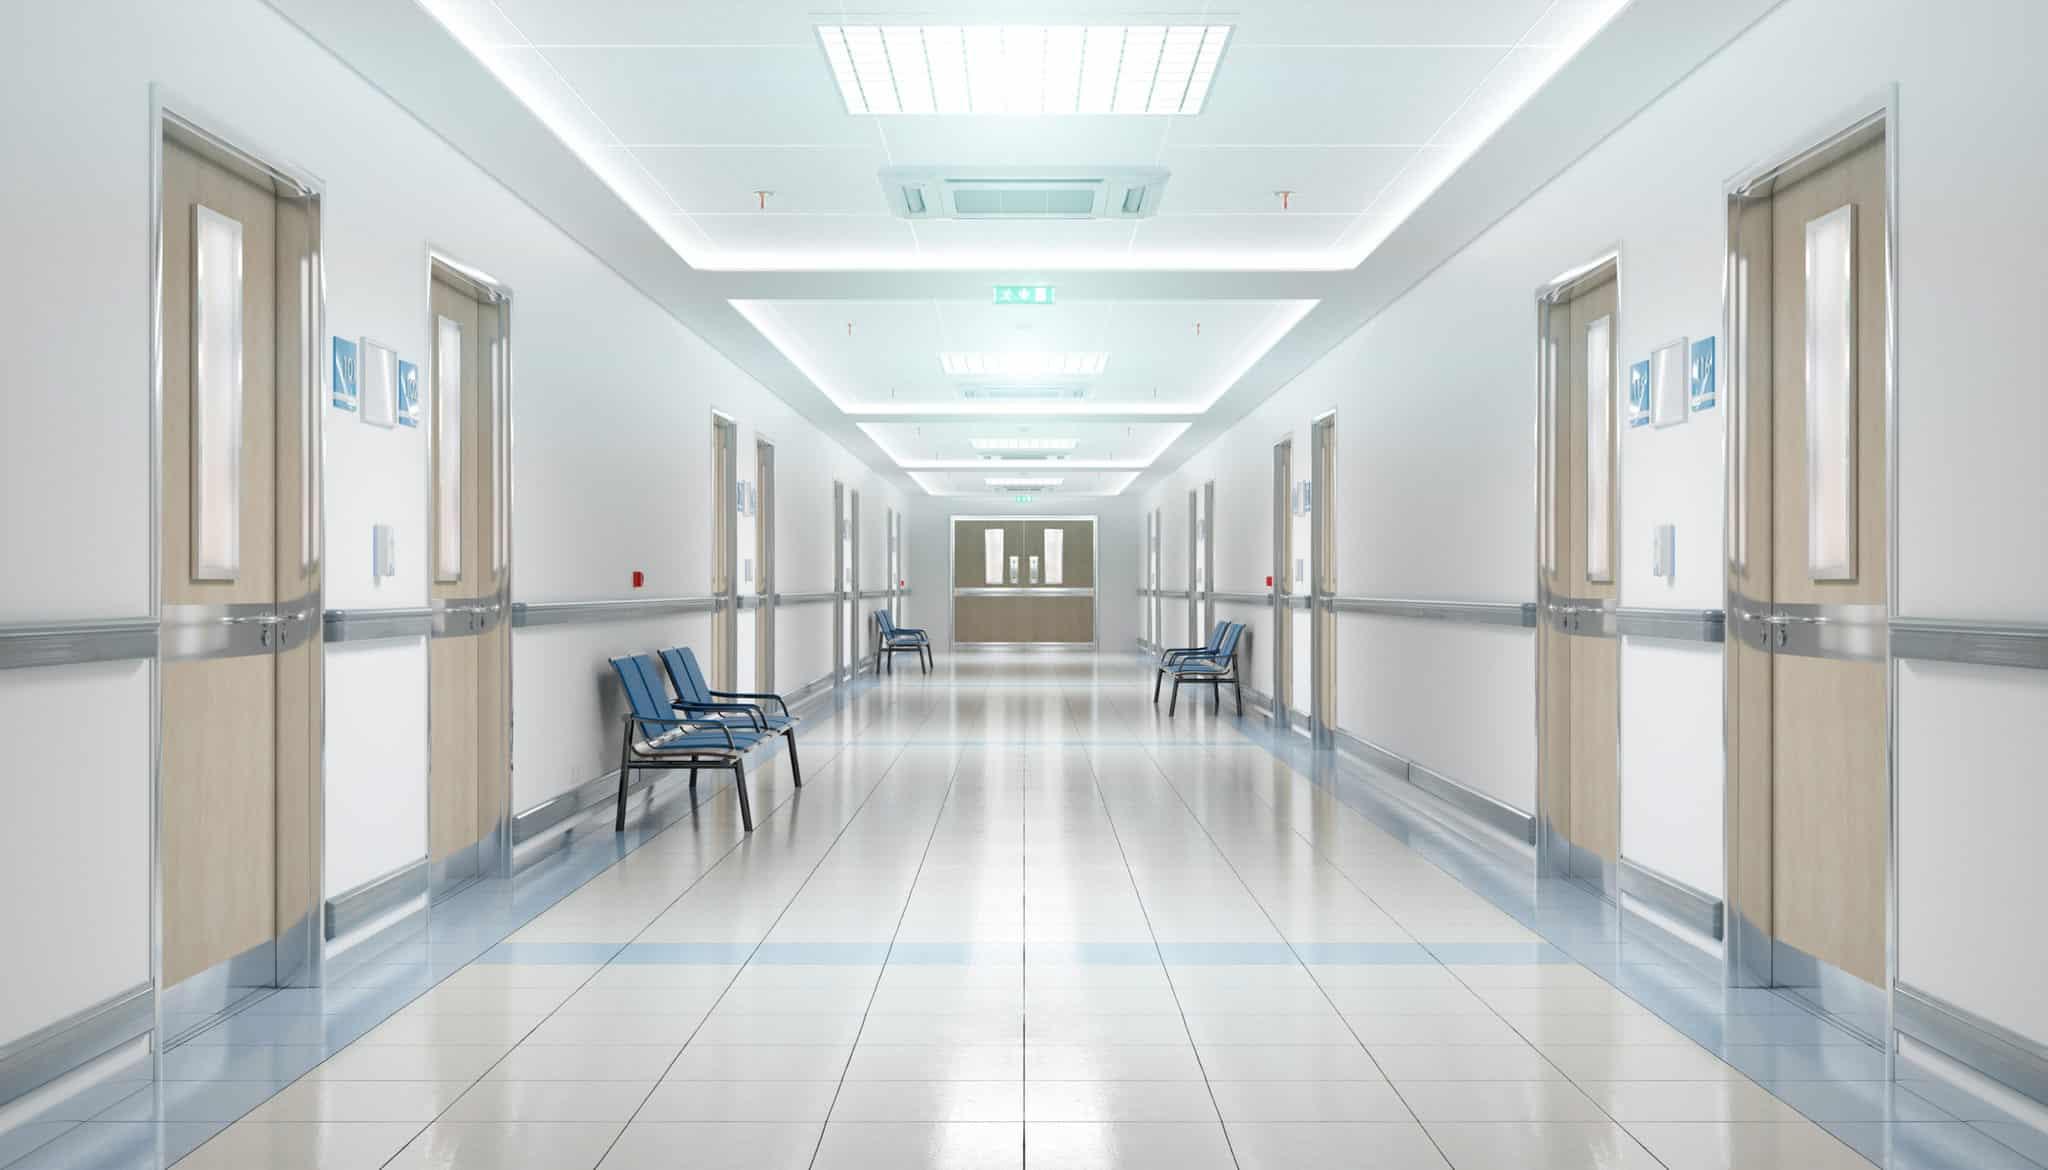 Dawlish Hospital update